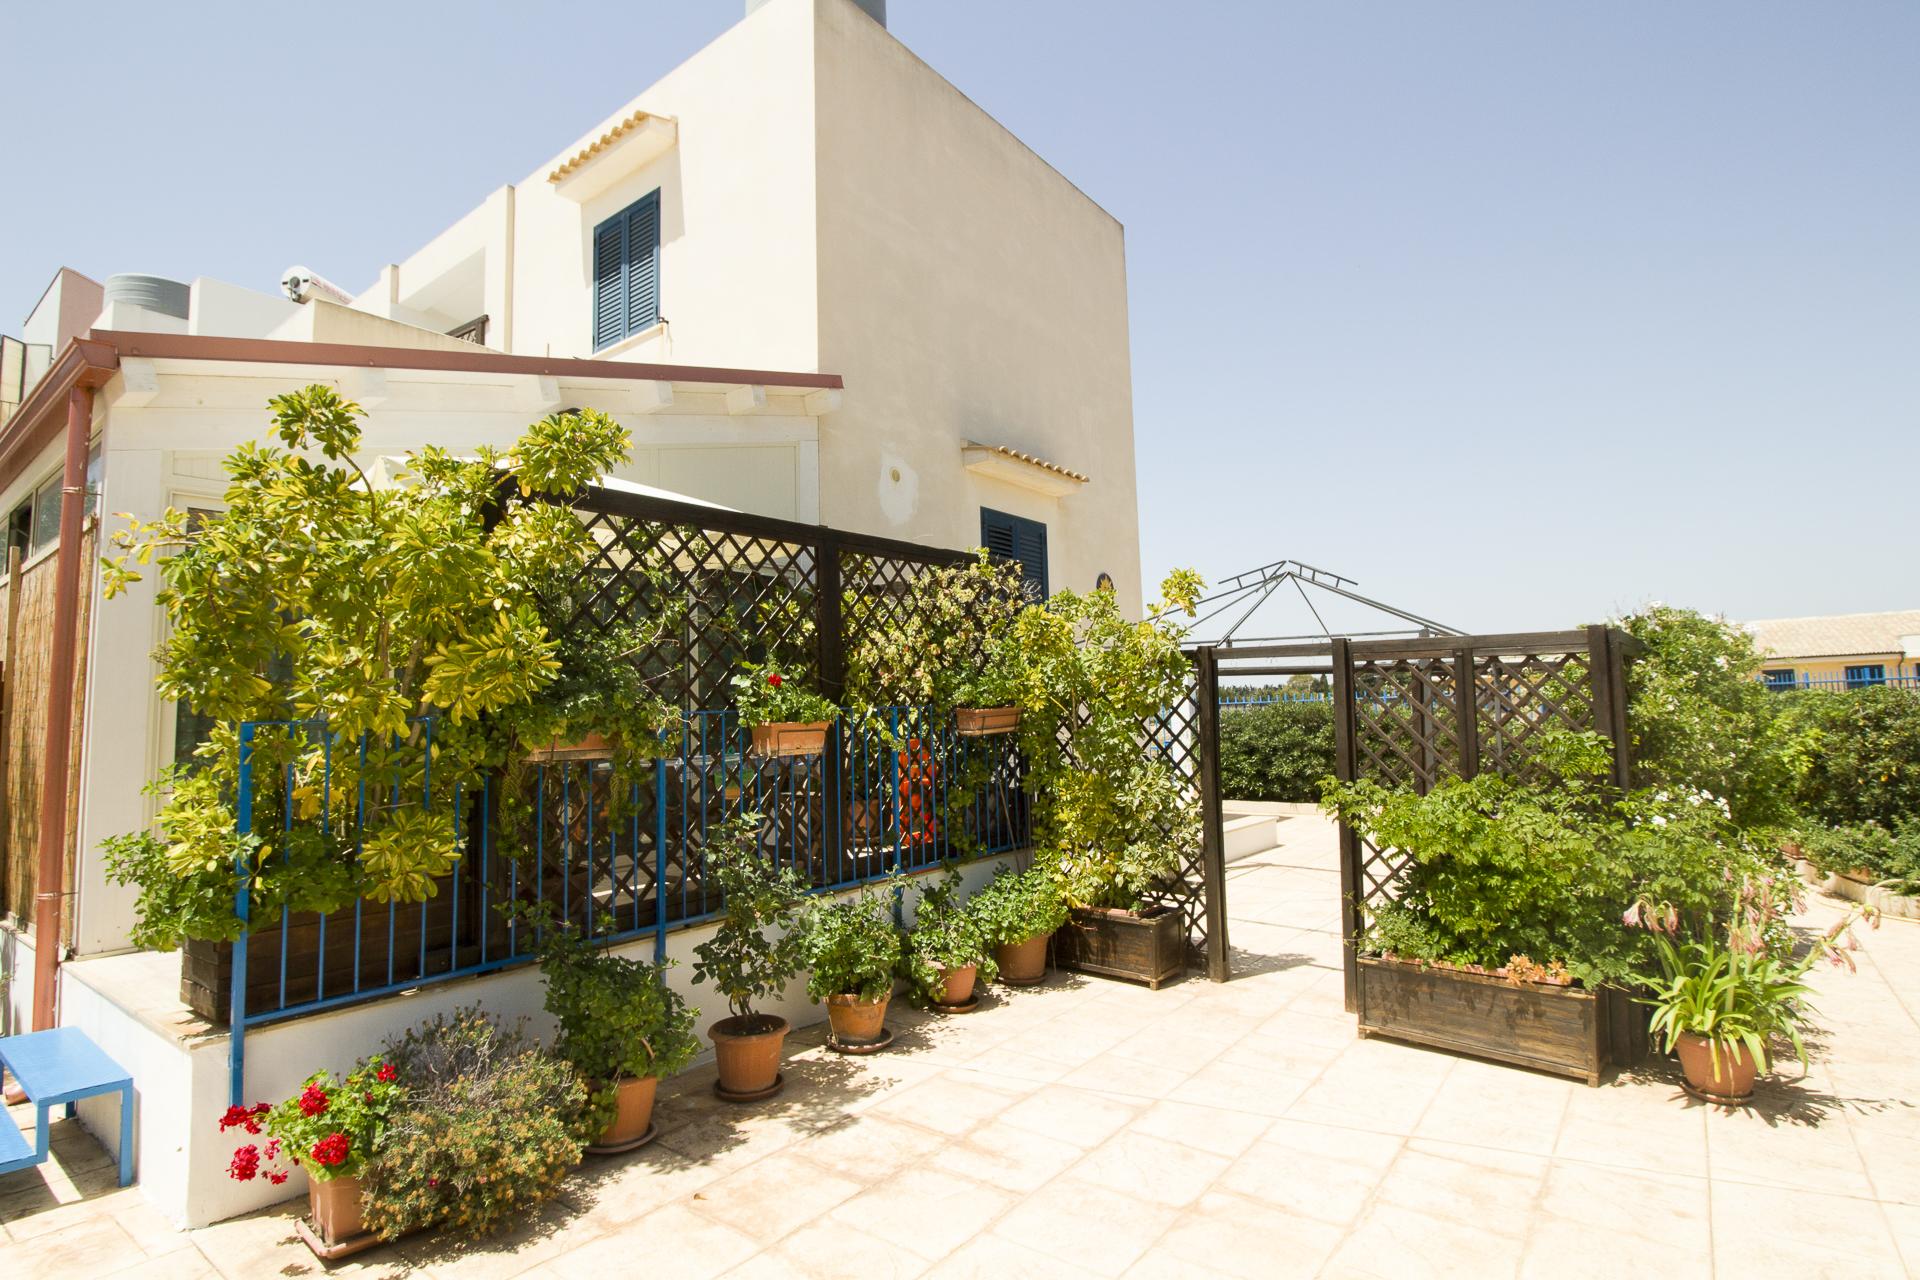 Casa vacanze Noto_sole_di_Sicilia_hotel_noto_marina_vacanze_noto_avola_siracusa_marzamemi_B&B_noto_camere_appartamenti_noto_mare_20